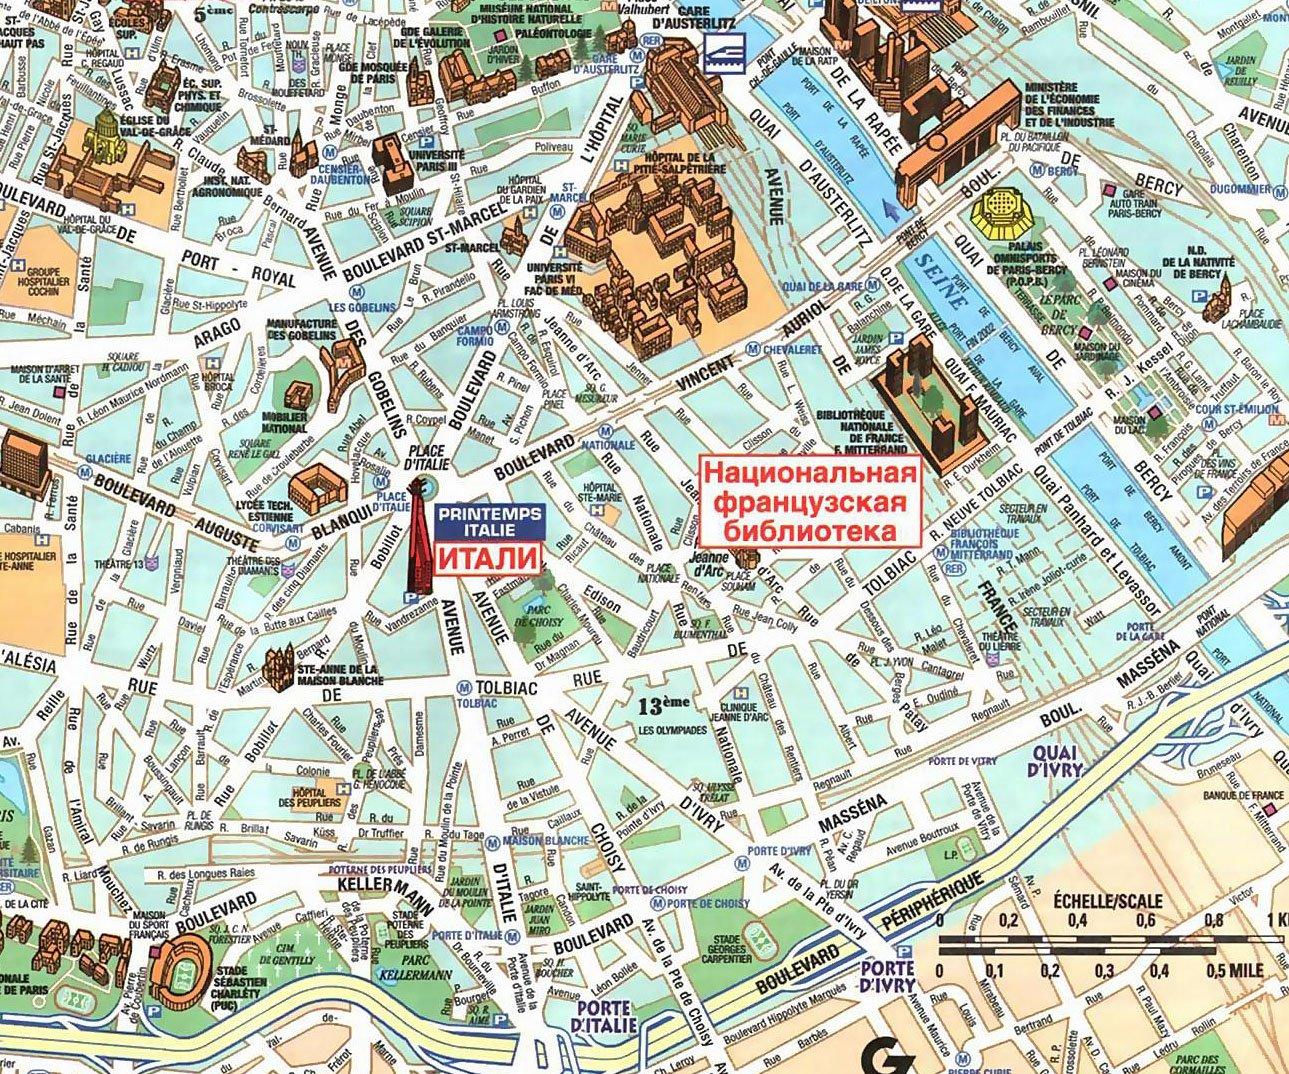 Округа парижа карта 11 округа парижа